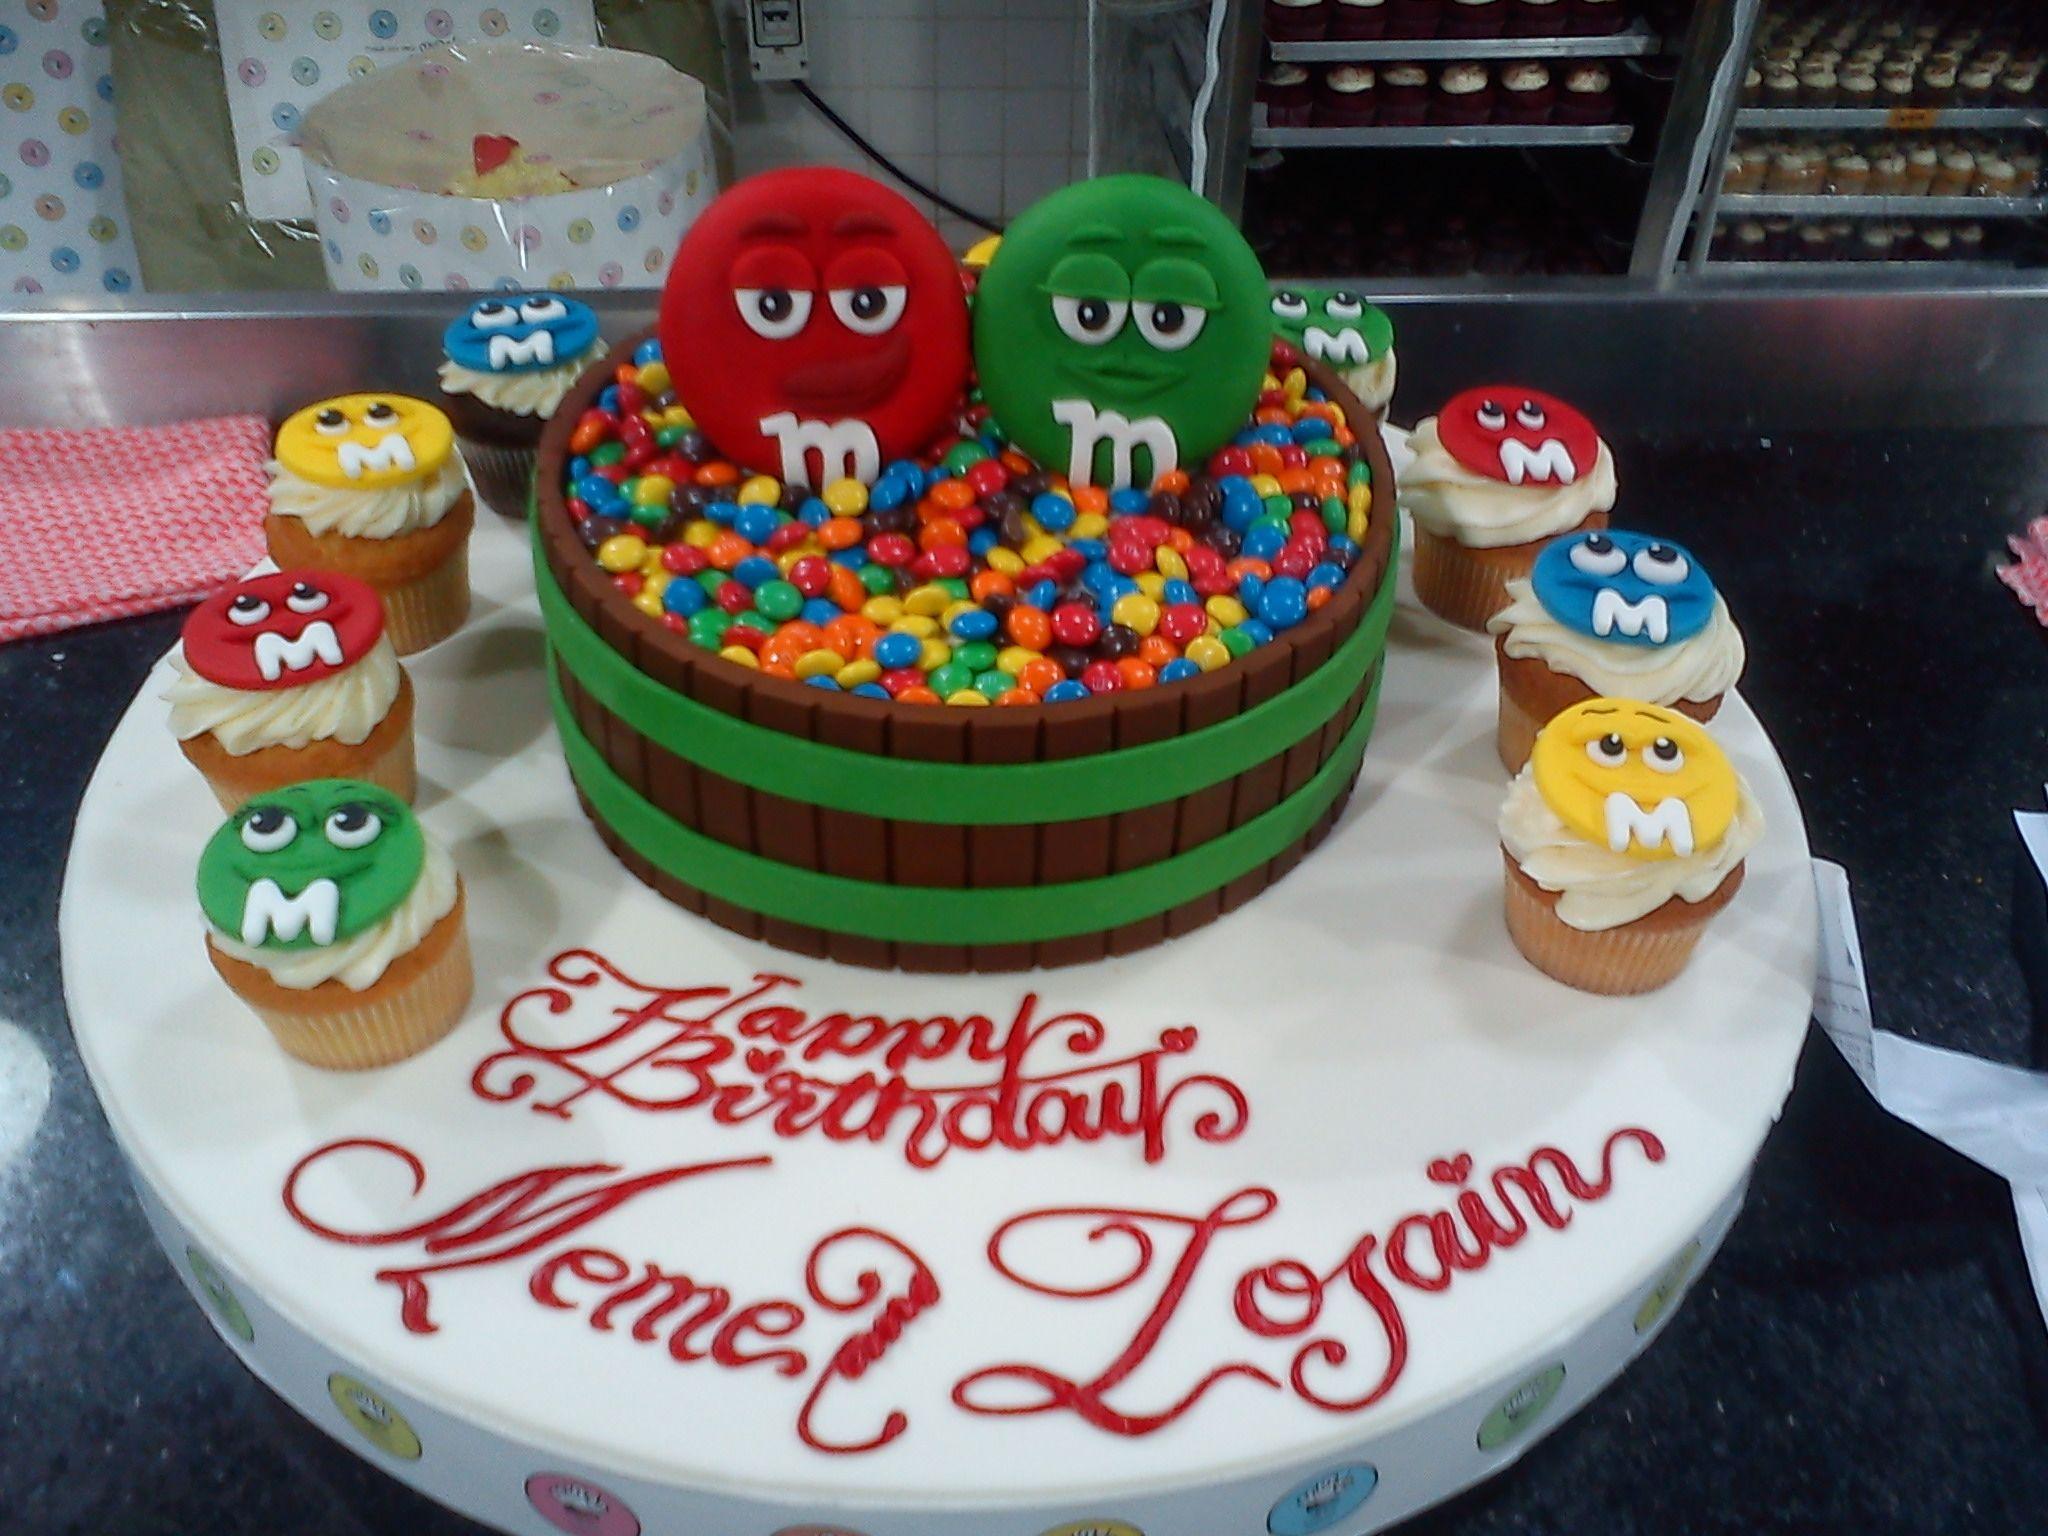 mm Cake Decorating Community Cakes We Bake Birthday Cake